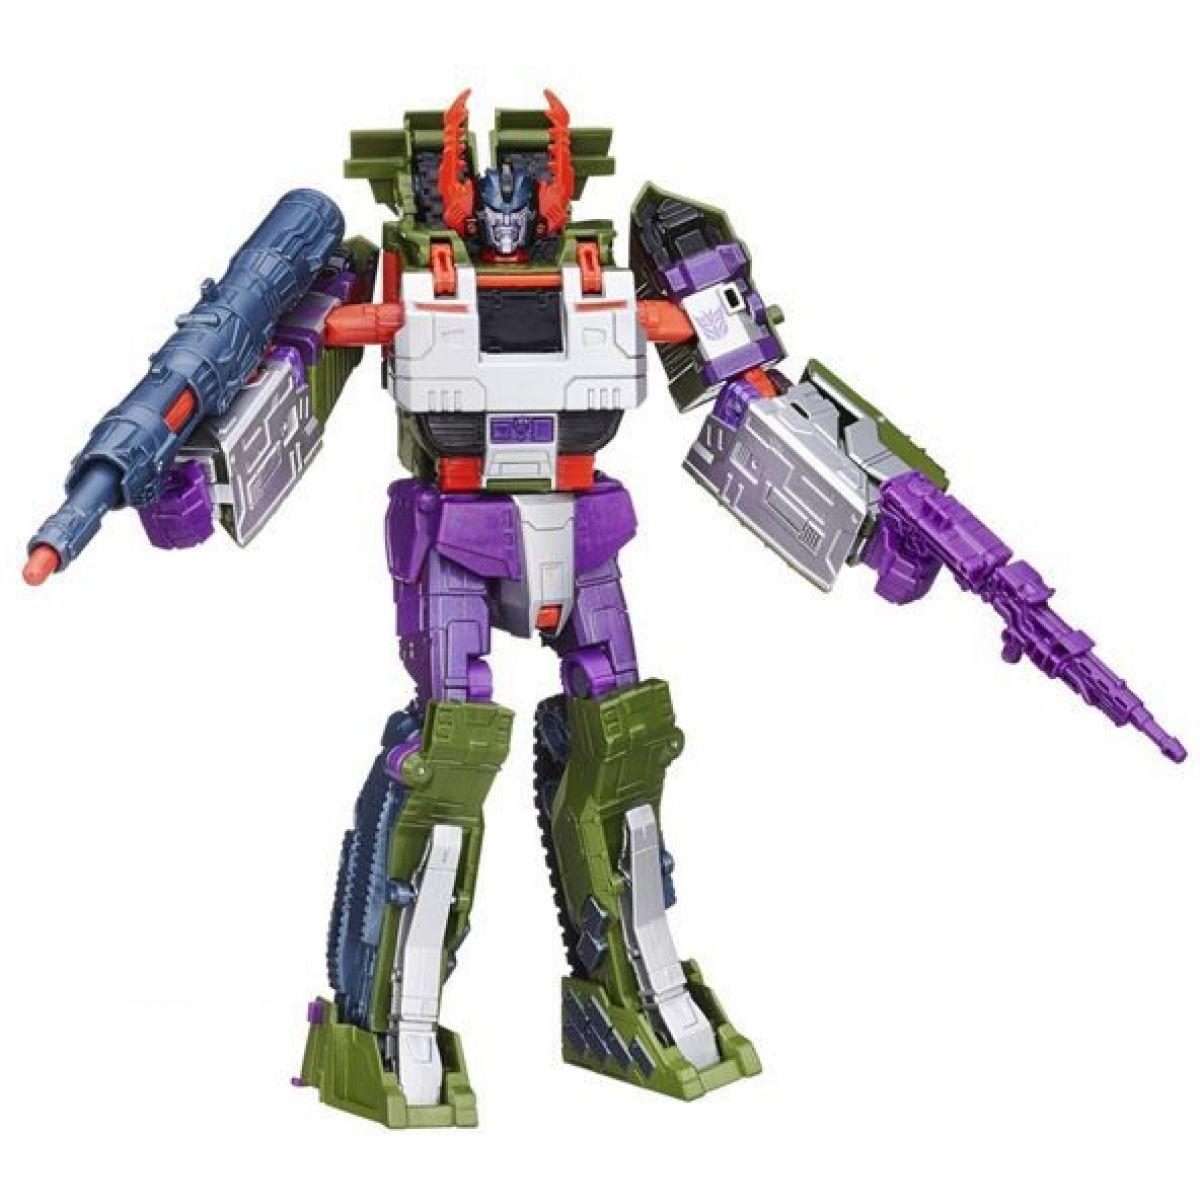 Hasbro Transformers pohyblivý Transformer s akčními doplňky - Armada Megatron